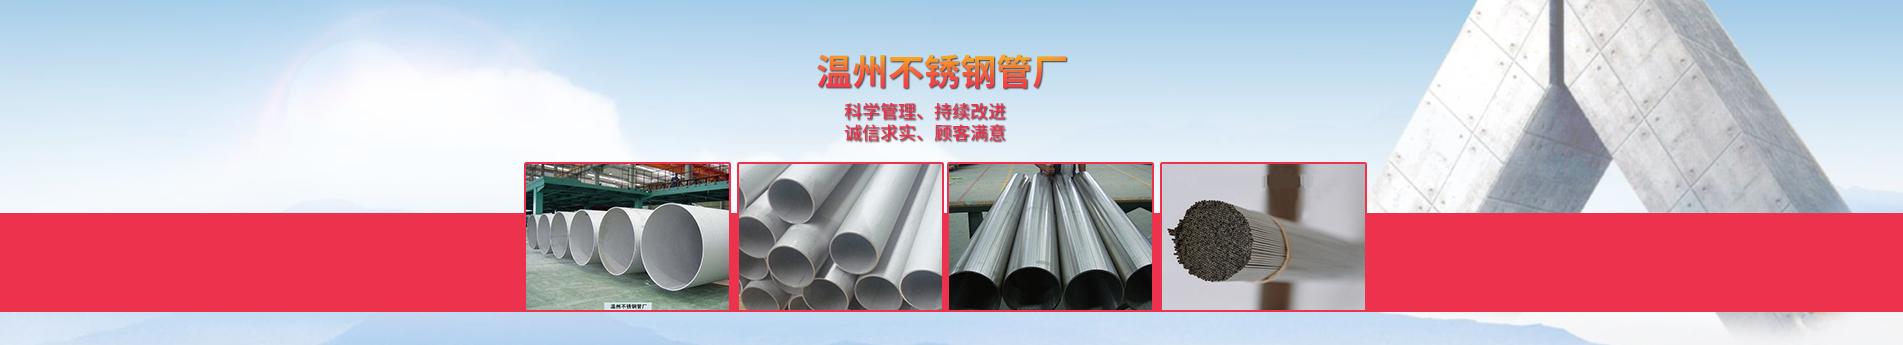 321不锈钢管厂家拥有先进的304卫生级无缝管,316L不锈钢换热管,2520不锈钢管,2507双相不锈钢管,精密管等生产线。